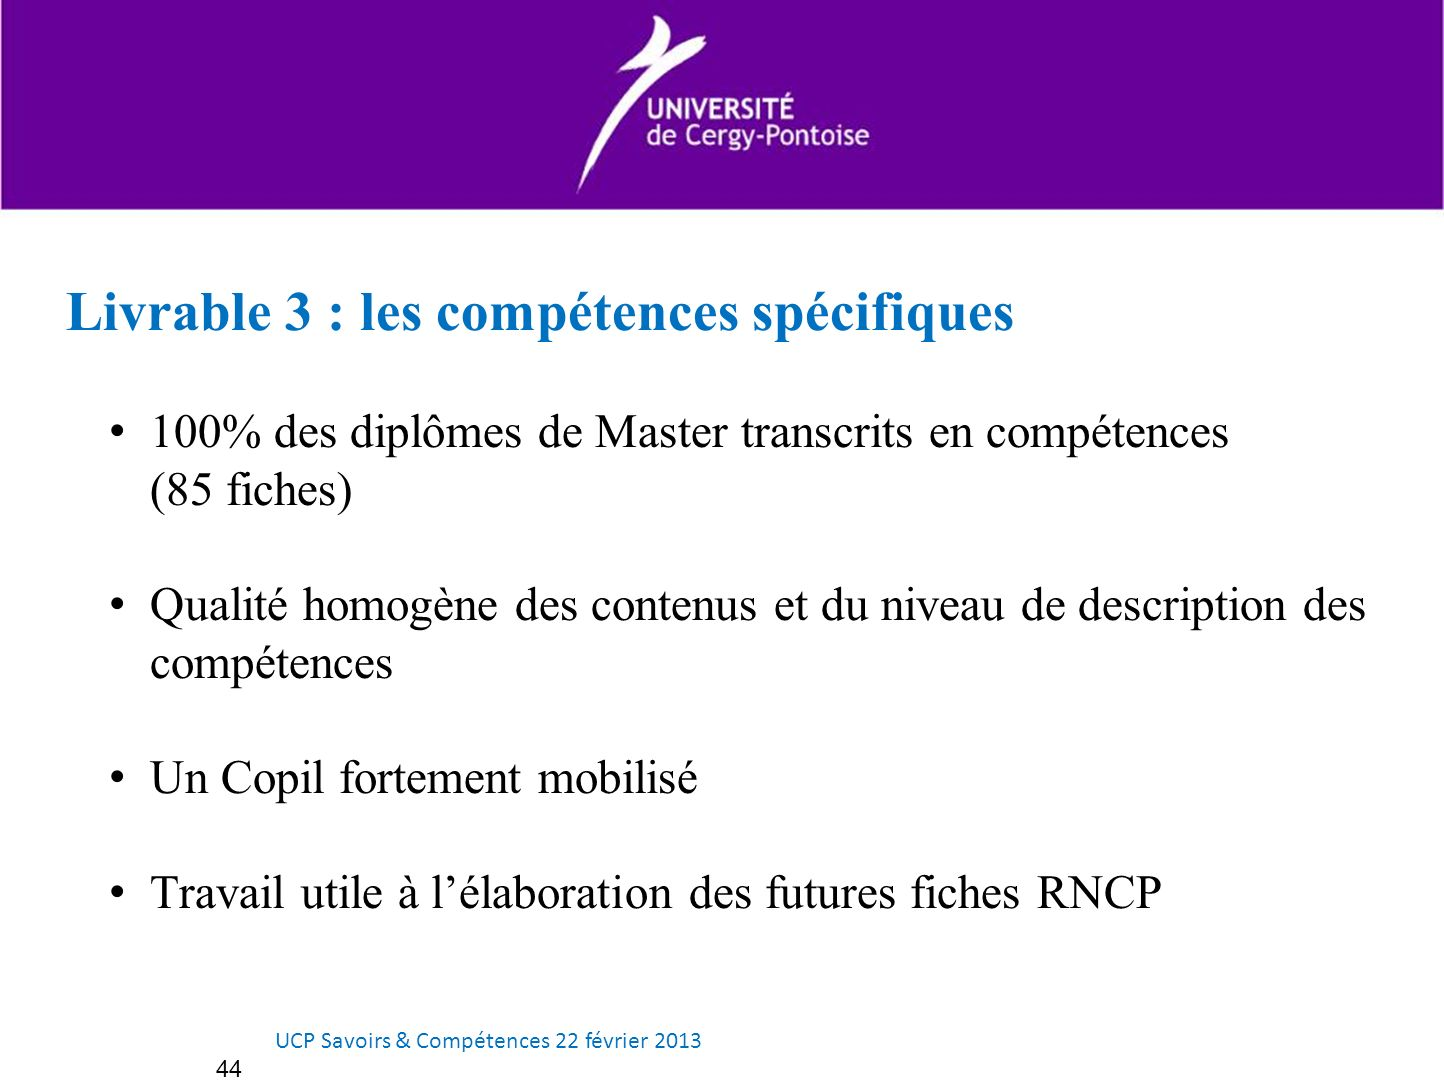 Livrable 3 : les compétences spécifiques 100% des diplômes de Master transcrits en compétences (85 fiches) Qualité homogène des contenus et du niveau